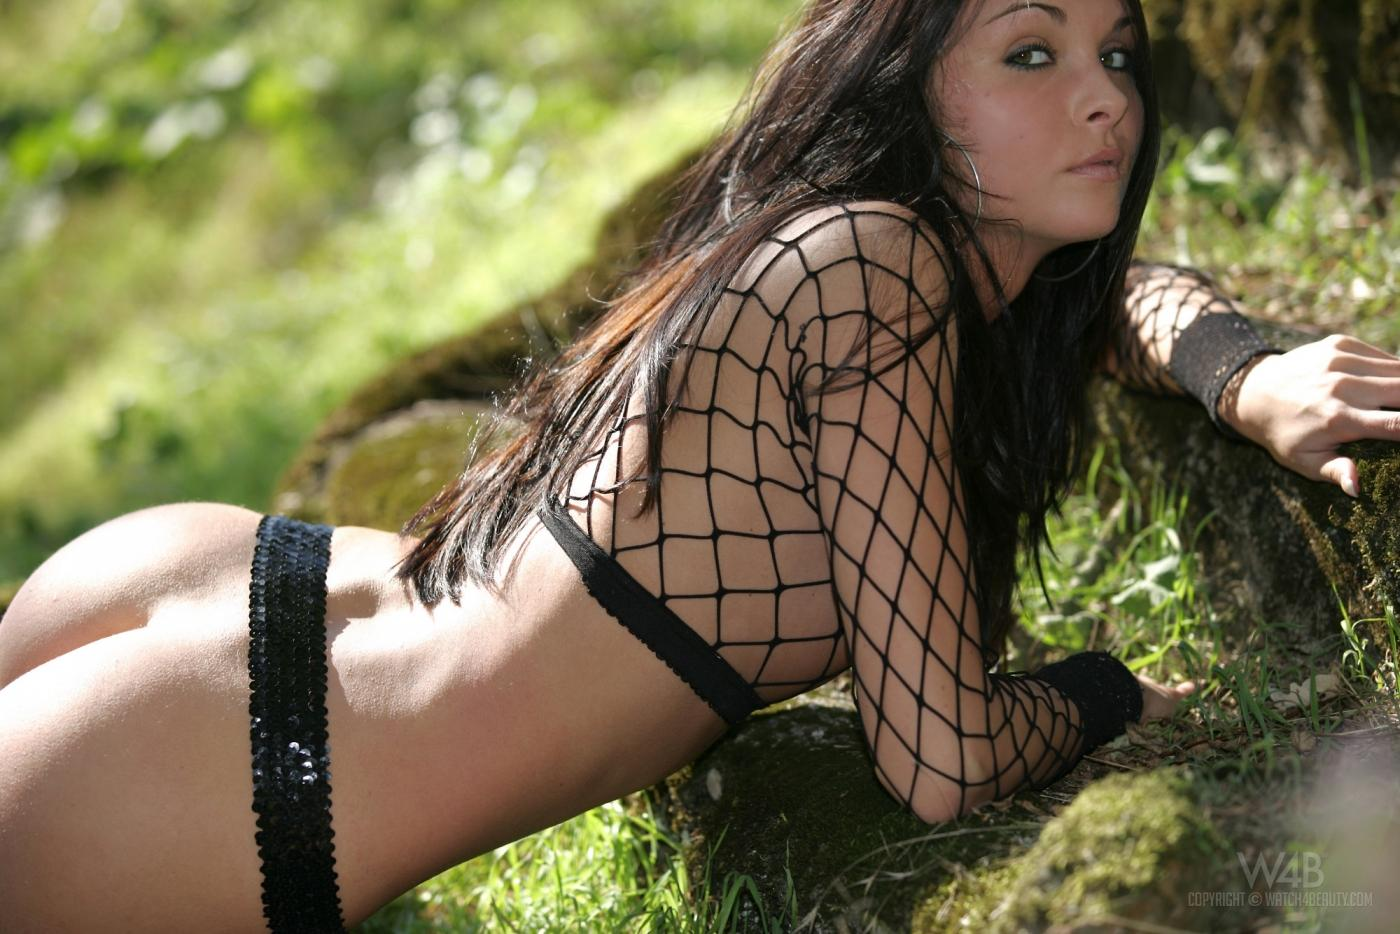 Возбужденная темненькая девушка Divinity Love в черном сетчатом верхе обнажает возбужденную бритую пилотку на поляне